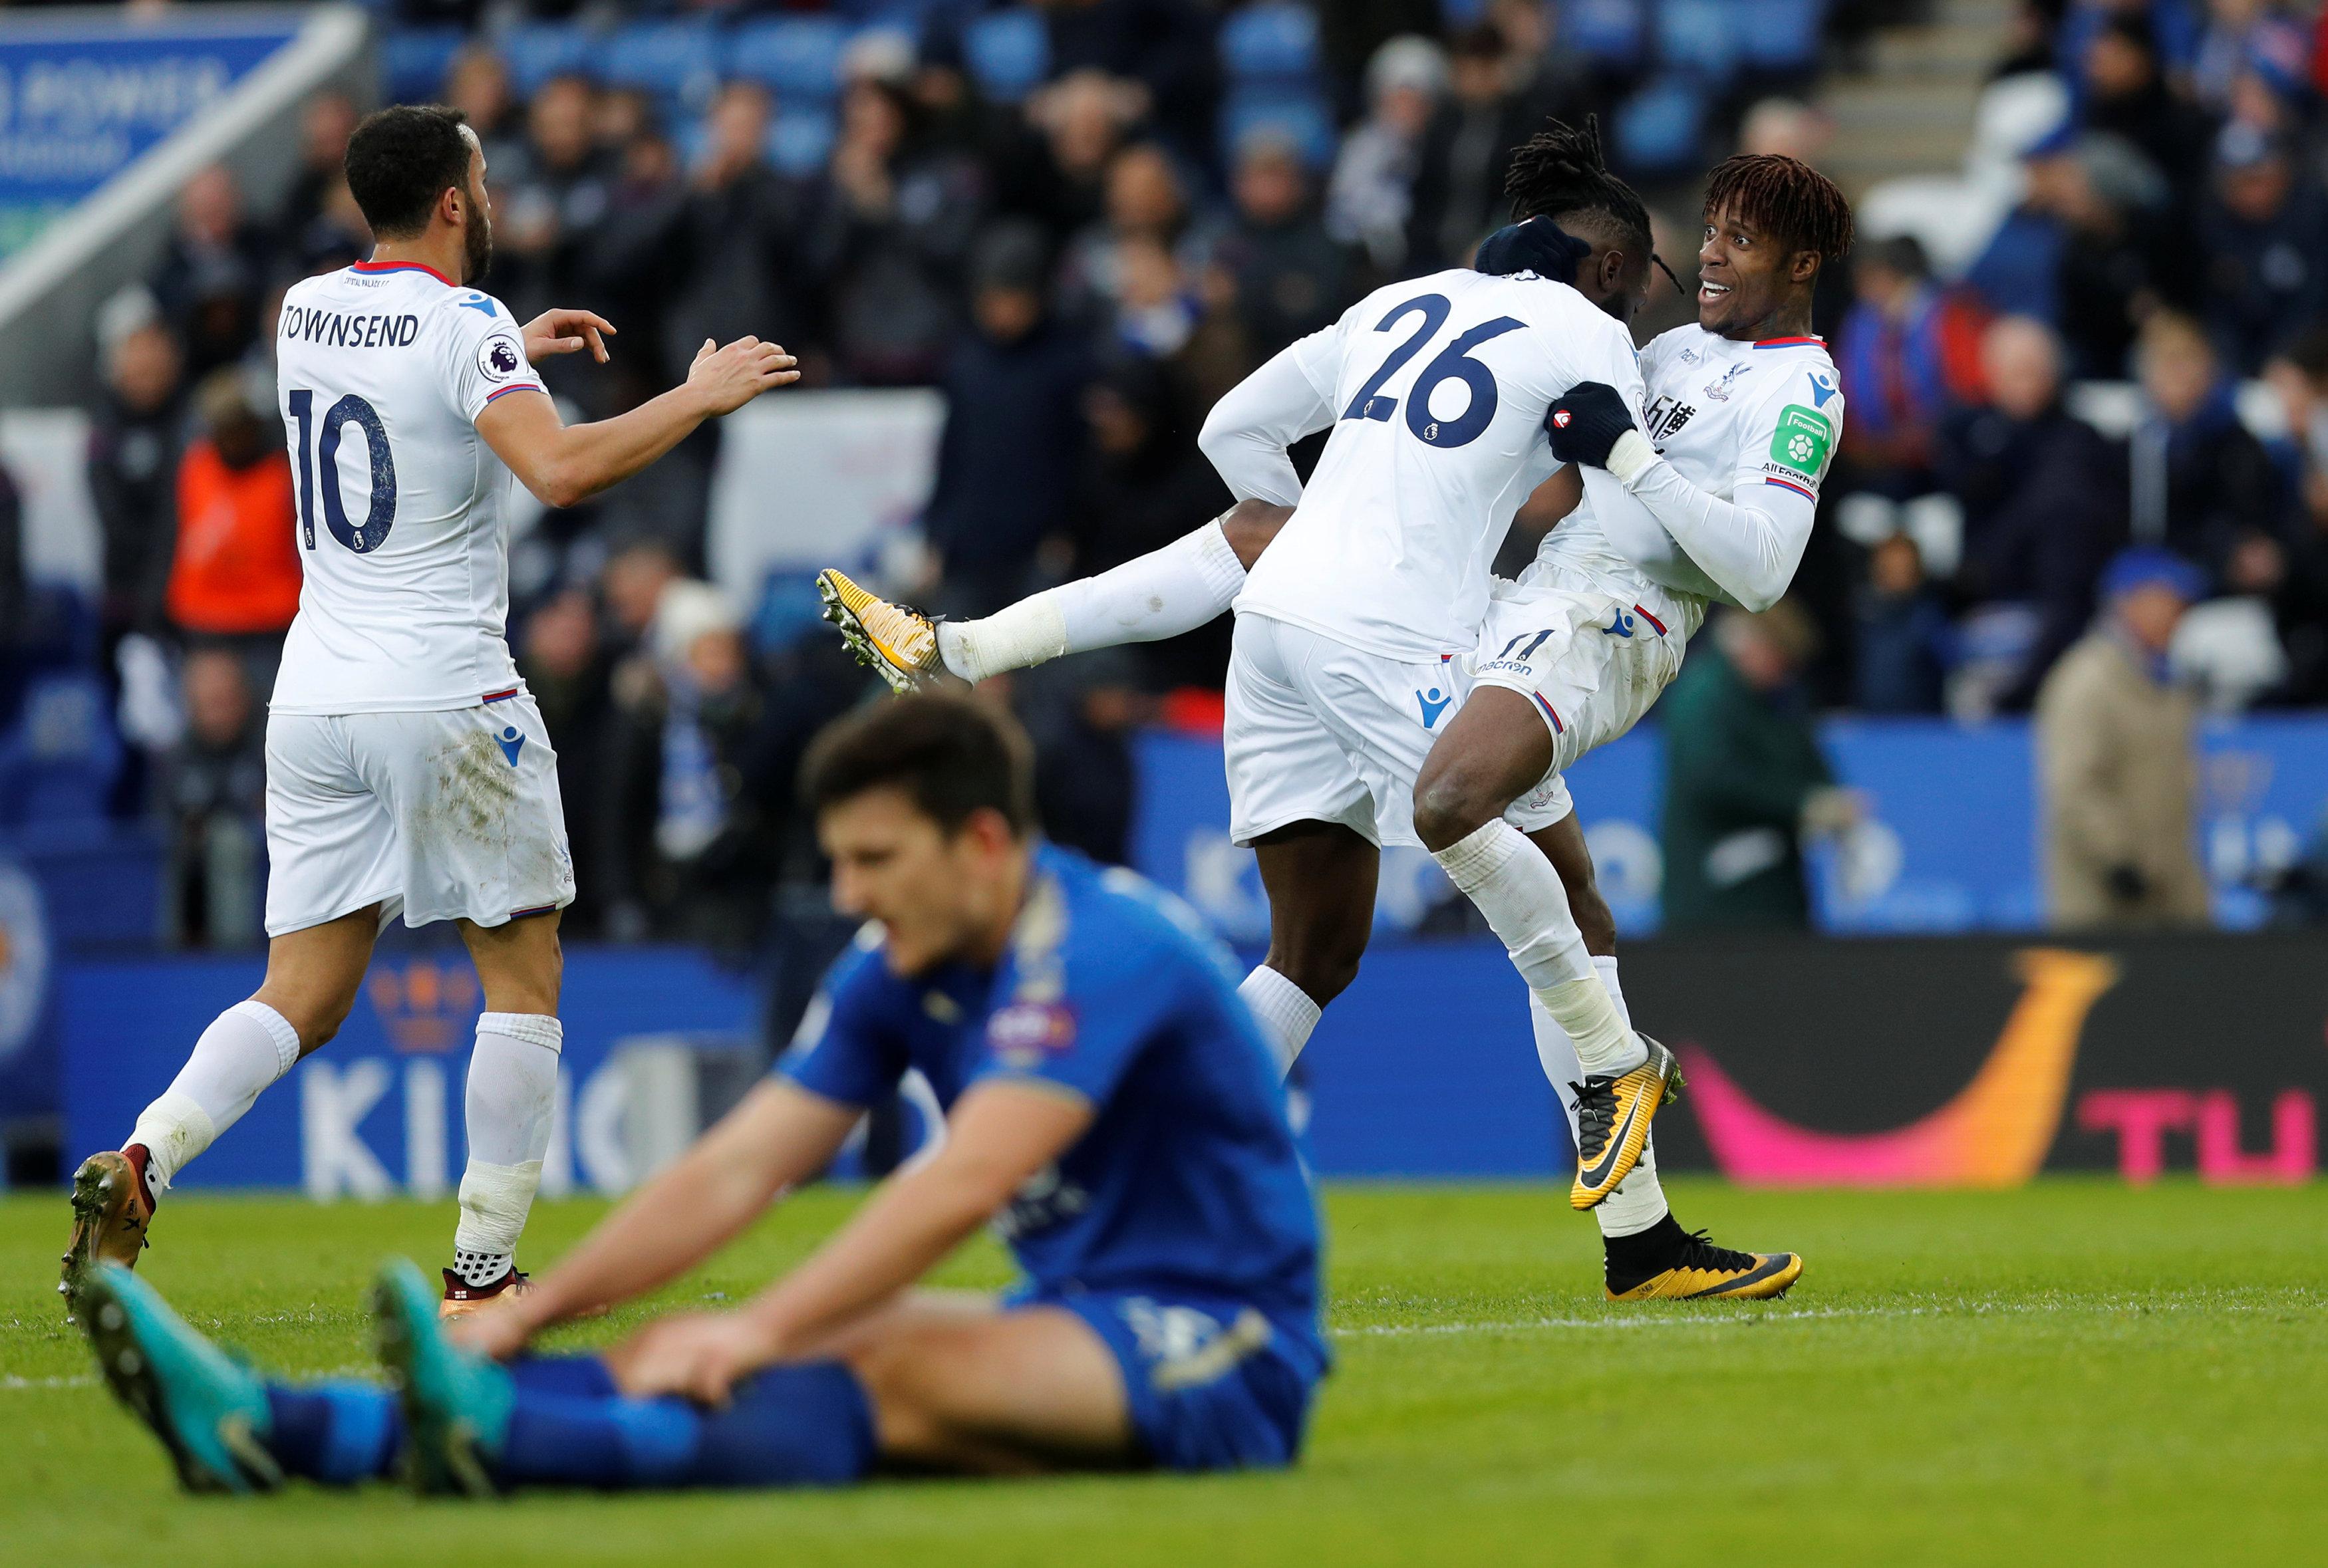 Niềm vui của các cầu thủ Crystal Palace sau khi Sako nâng tỉ số lên 3-0. Ảnh: REUTERS